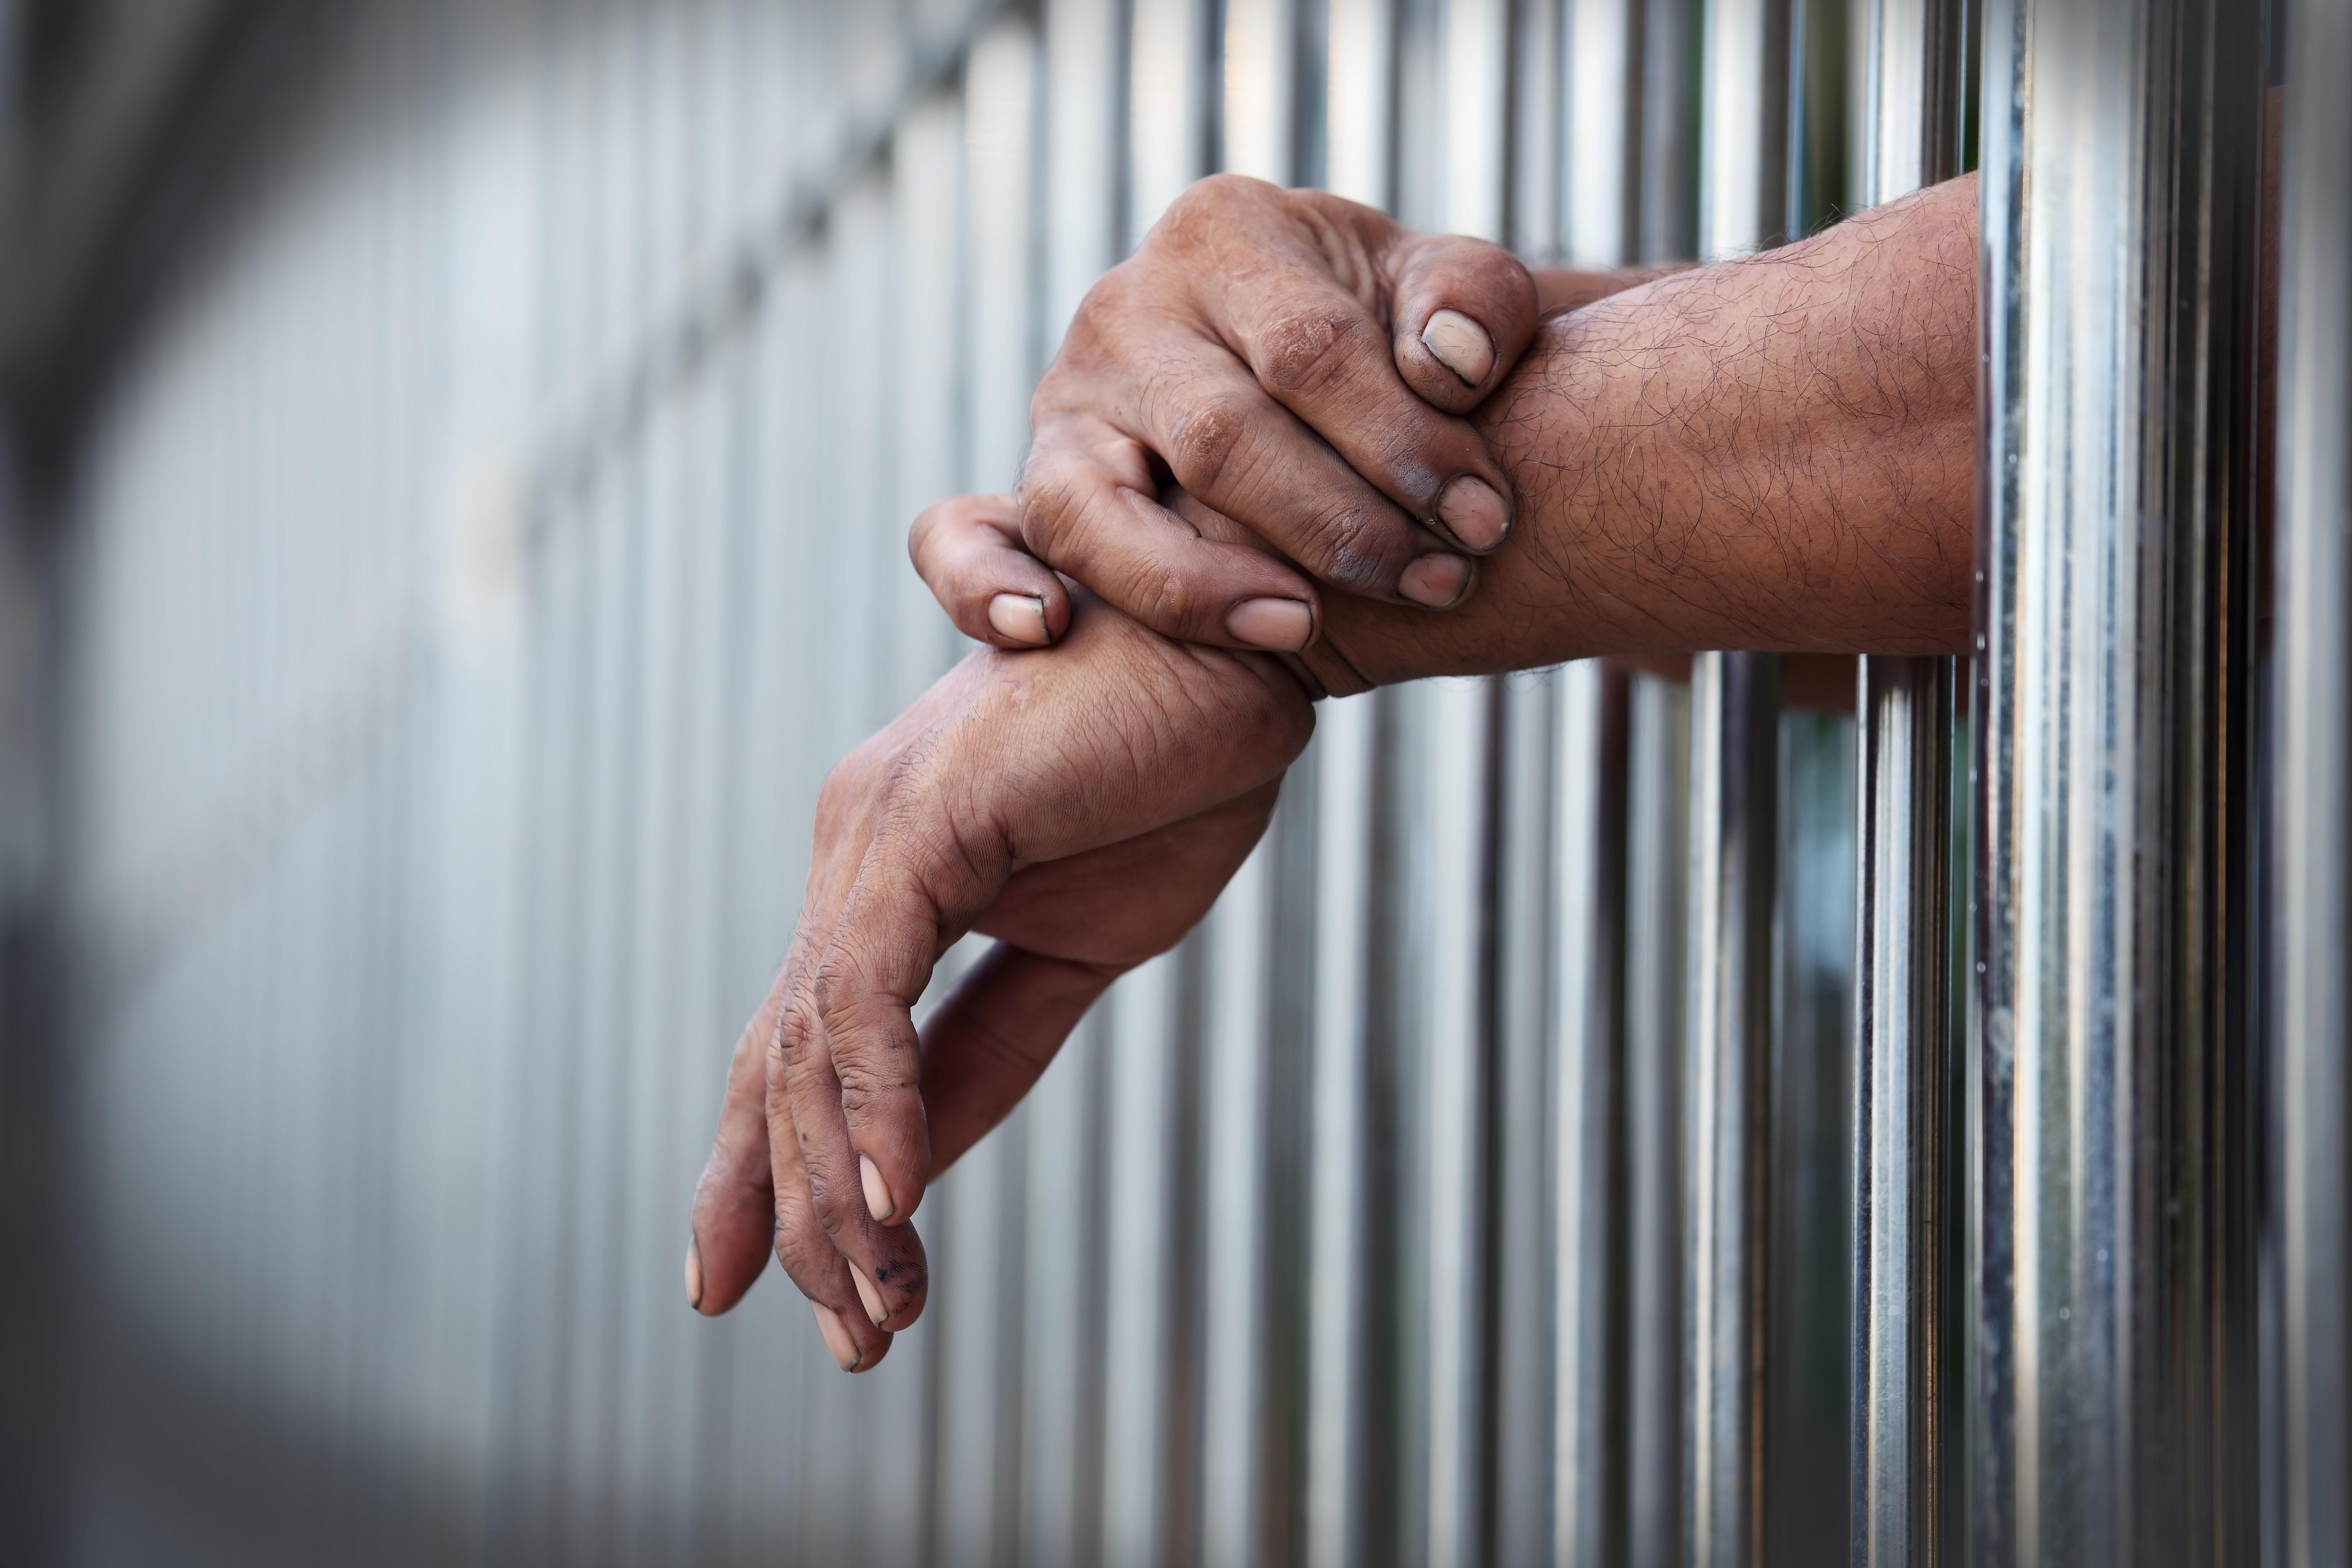 Dreistester Häftling Deutschlands: Wie ein 42-Jähriger im Knast ein Vermögen machte